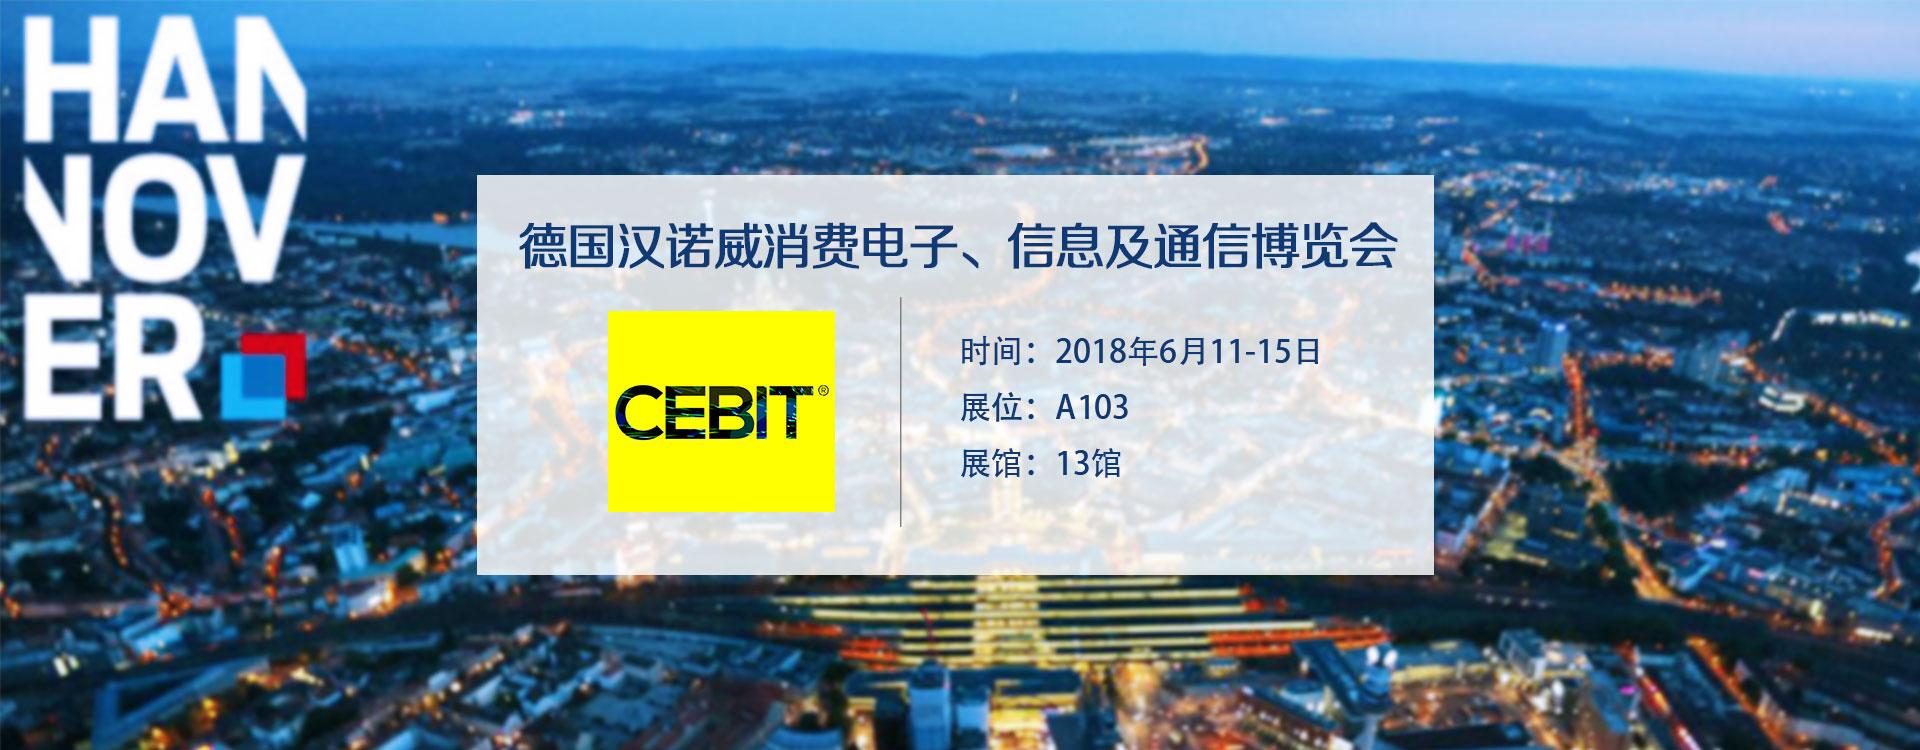 cebit-cn